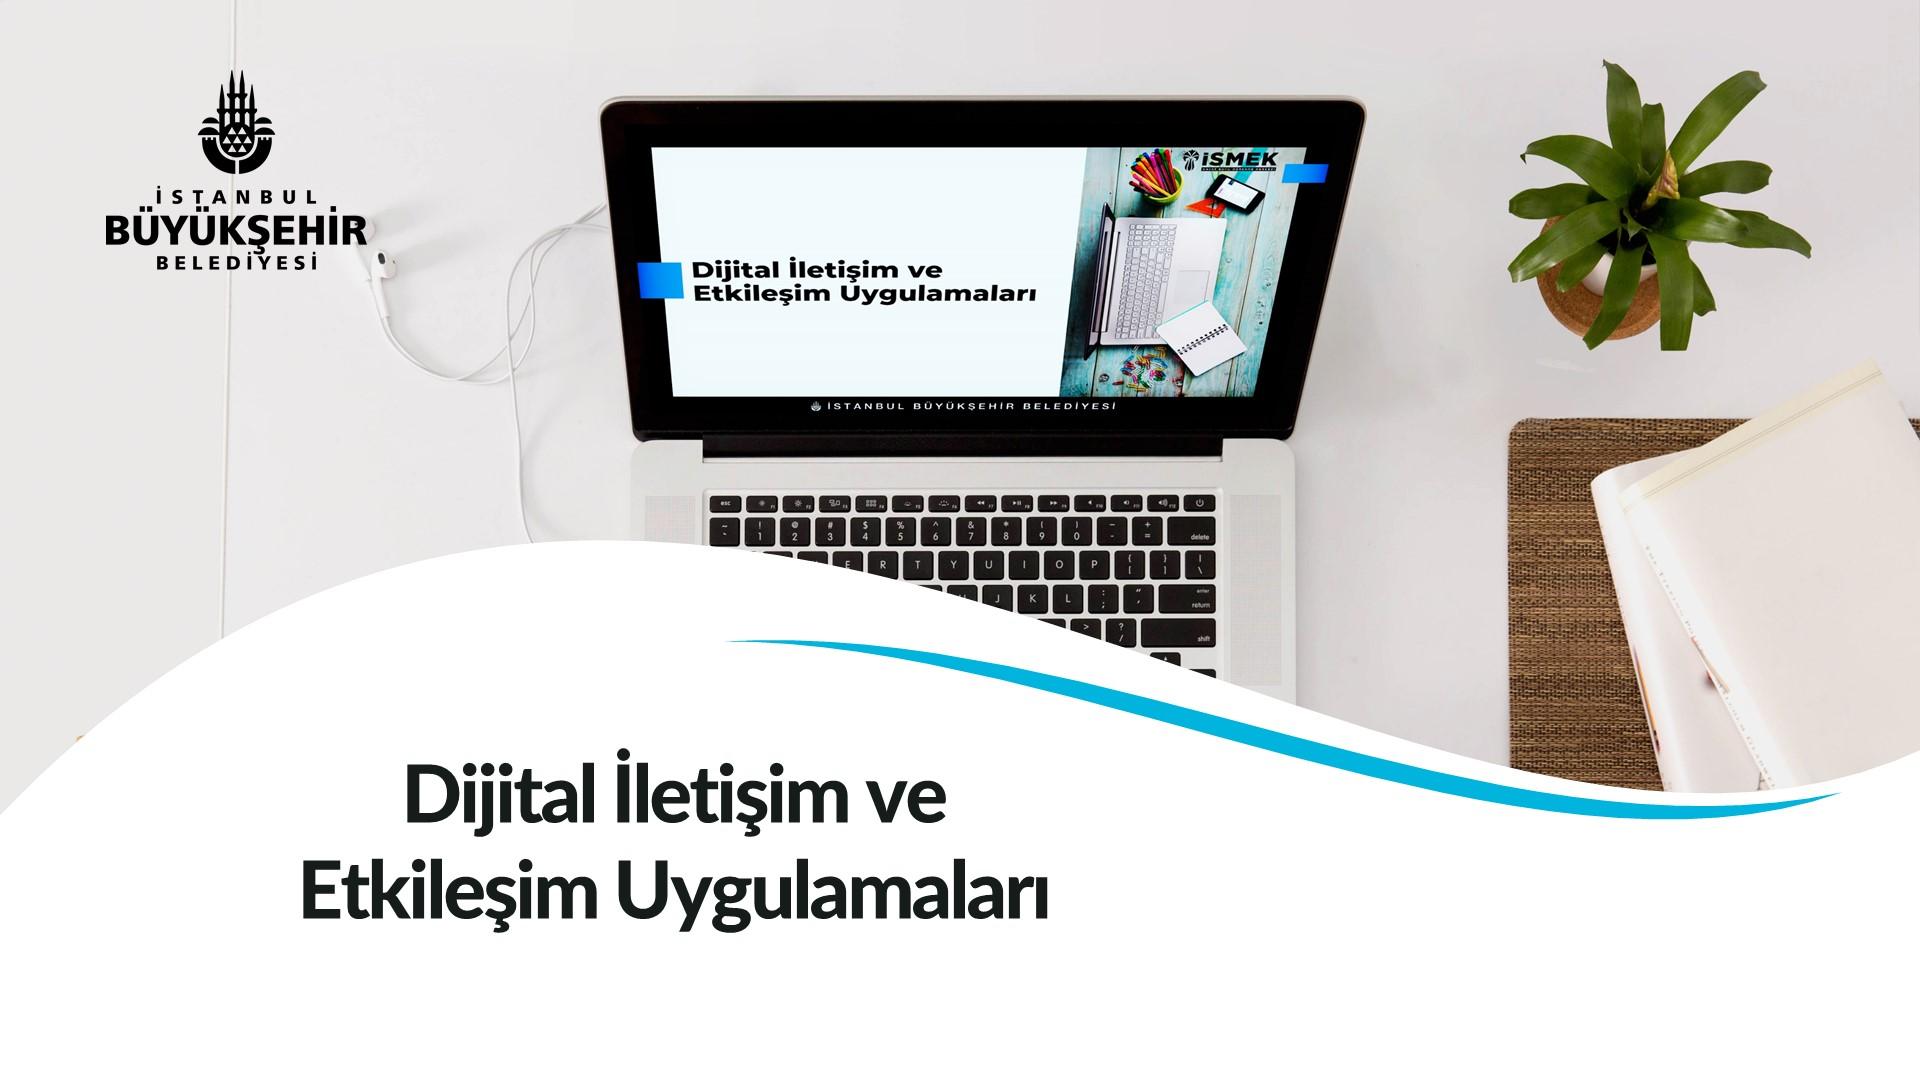 Dijital İletişim ve Etkileşim Uygulamaları